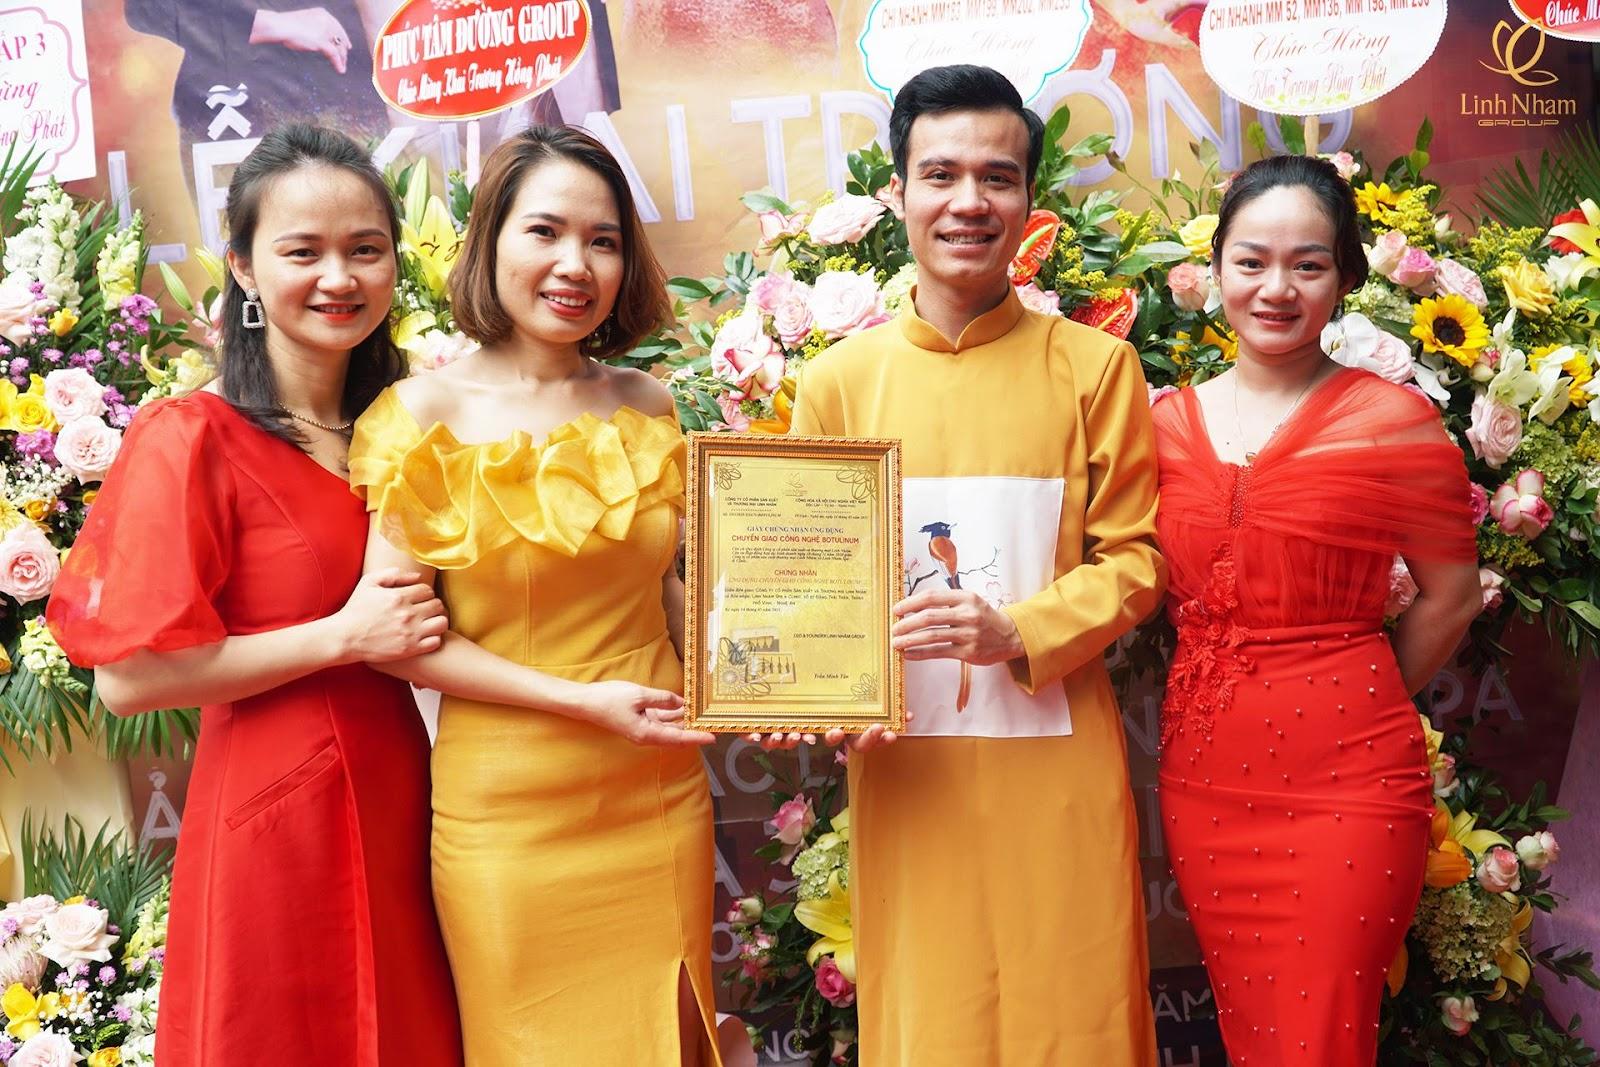 Khai trương Linh Nham Spa & Clinic thành phố Vinh - điểm đến của những giá trị khác biệt - Ảnh 2